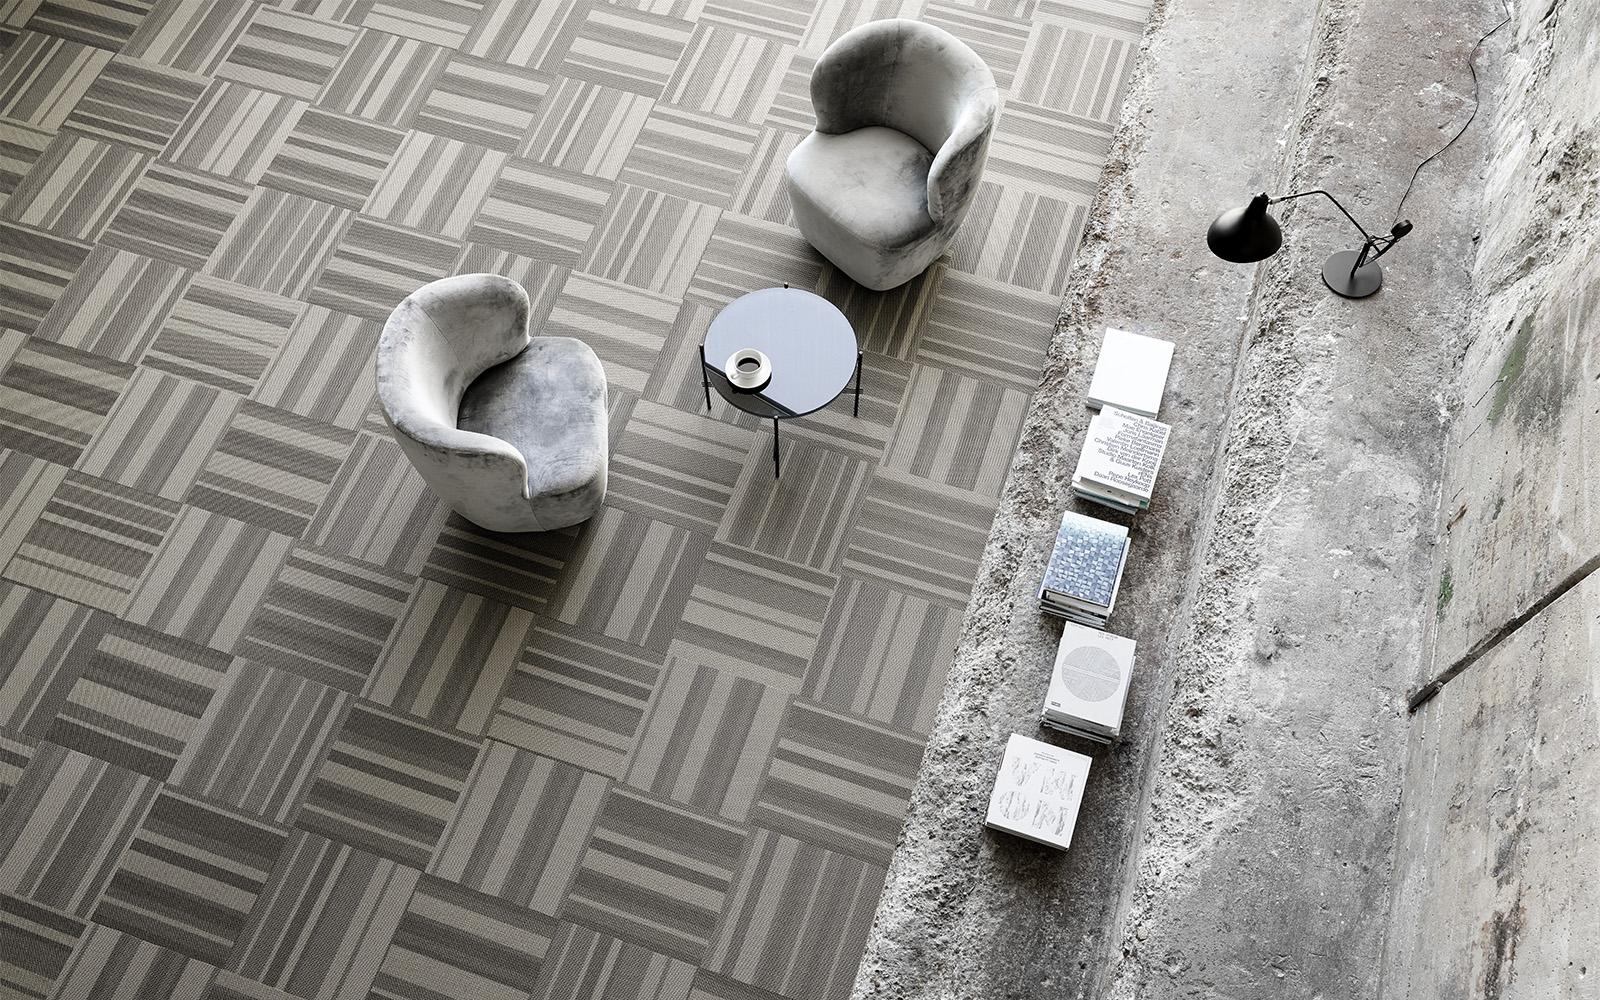 carpet-tiles-in-office-room